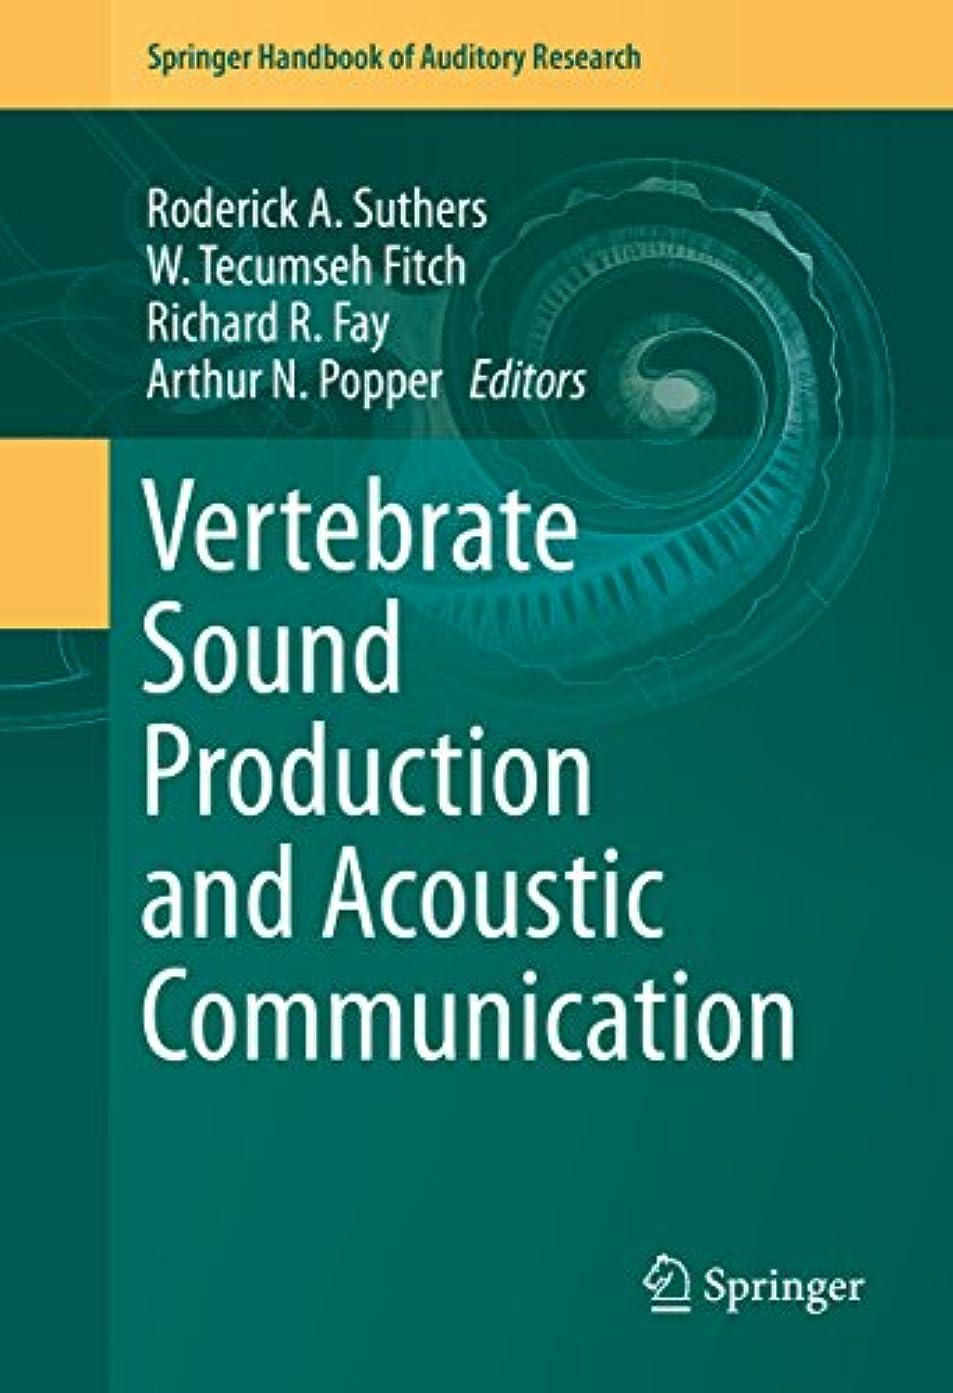 現代変色する前進Vertebrate Sound Production and Acoustic Communication (Springer Handbook of Auditory Research 53) (English Edition)